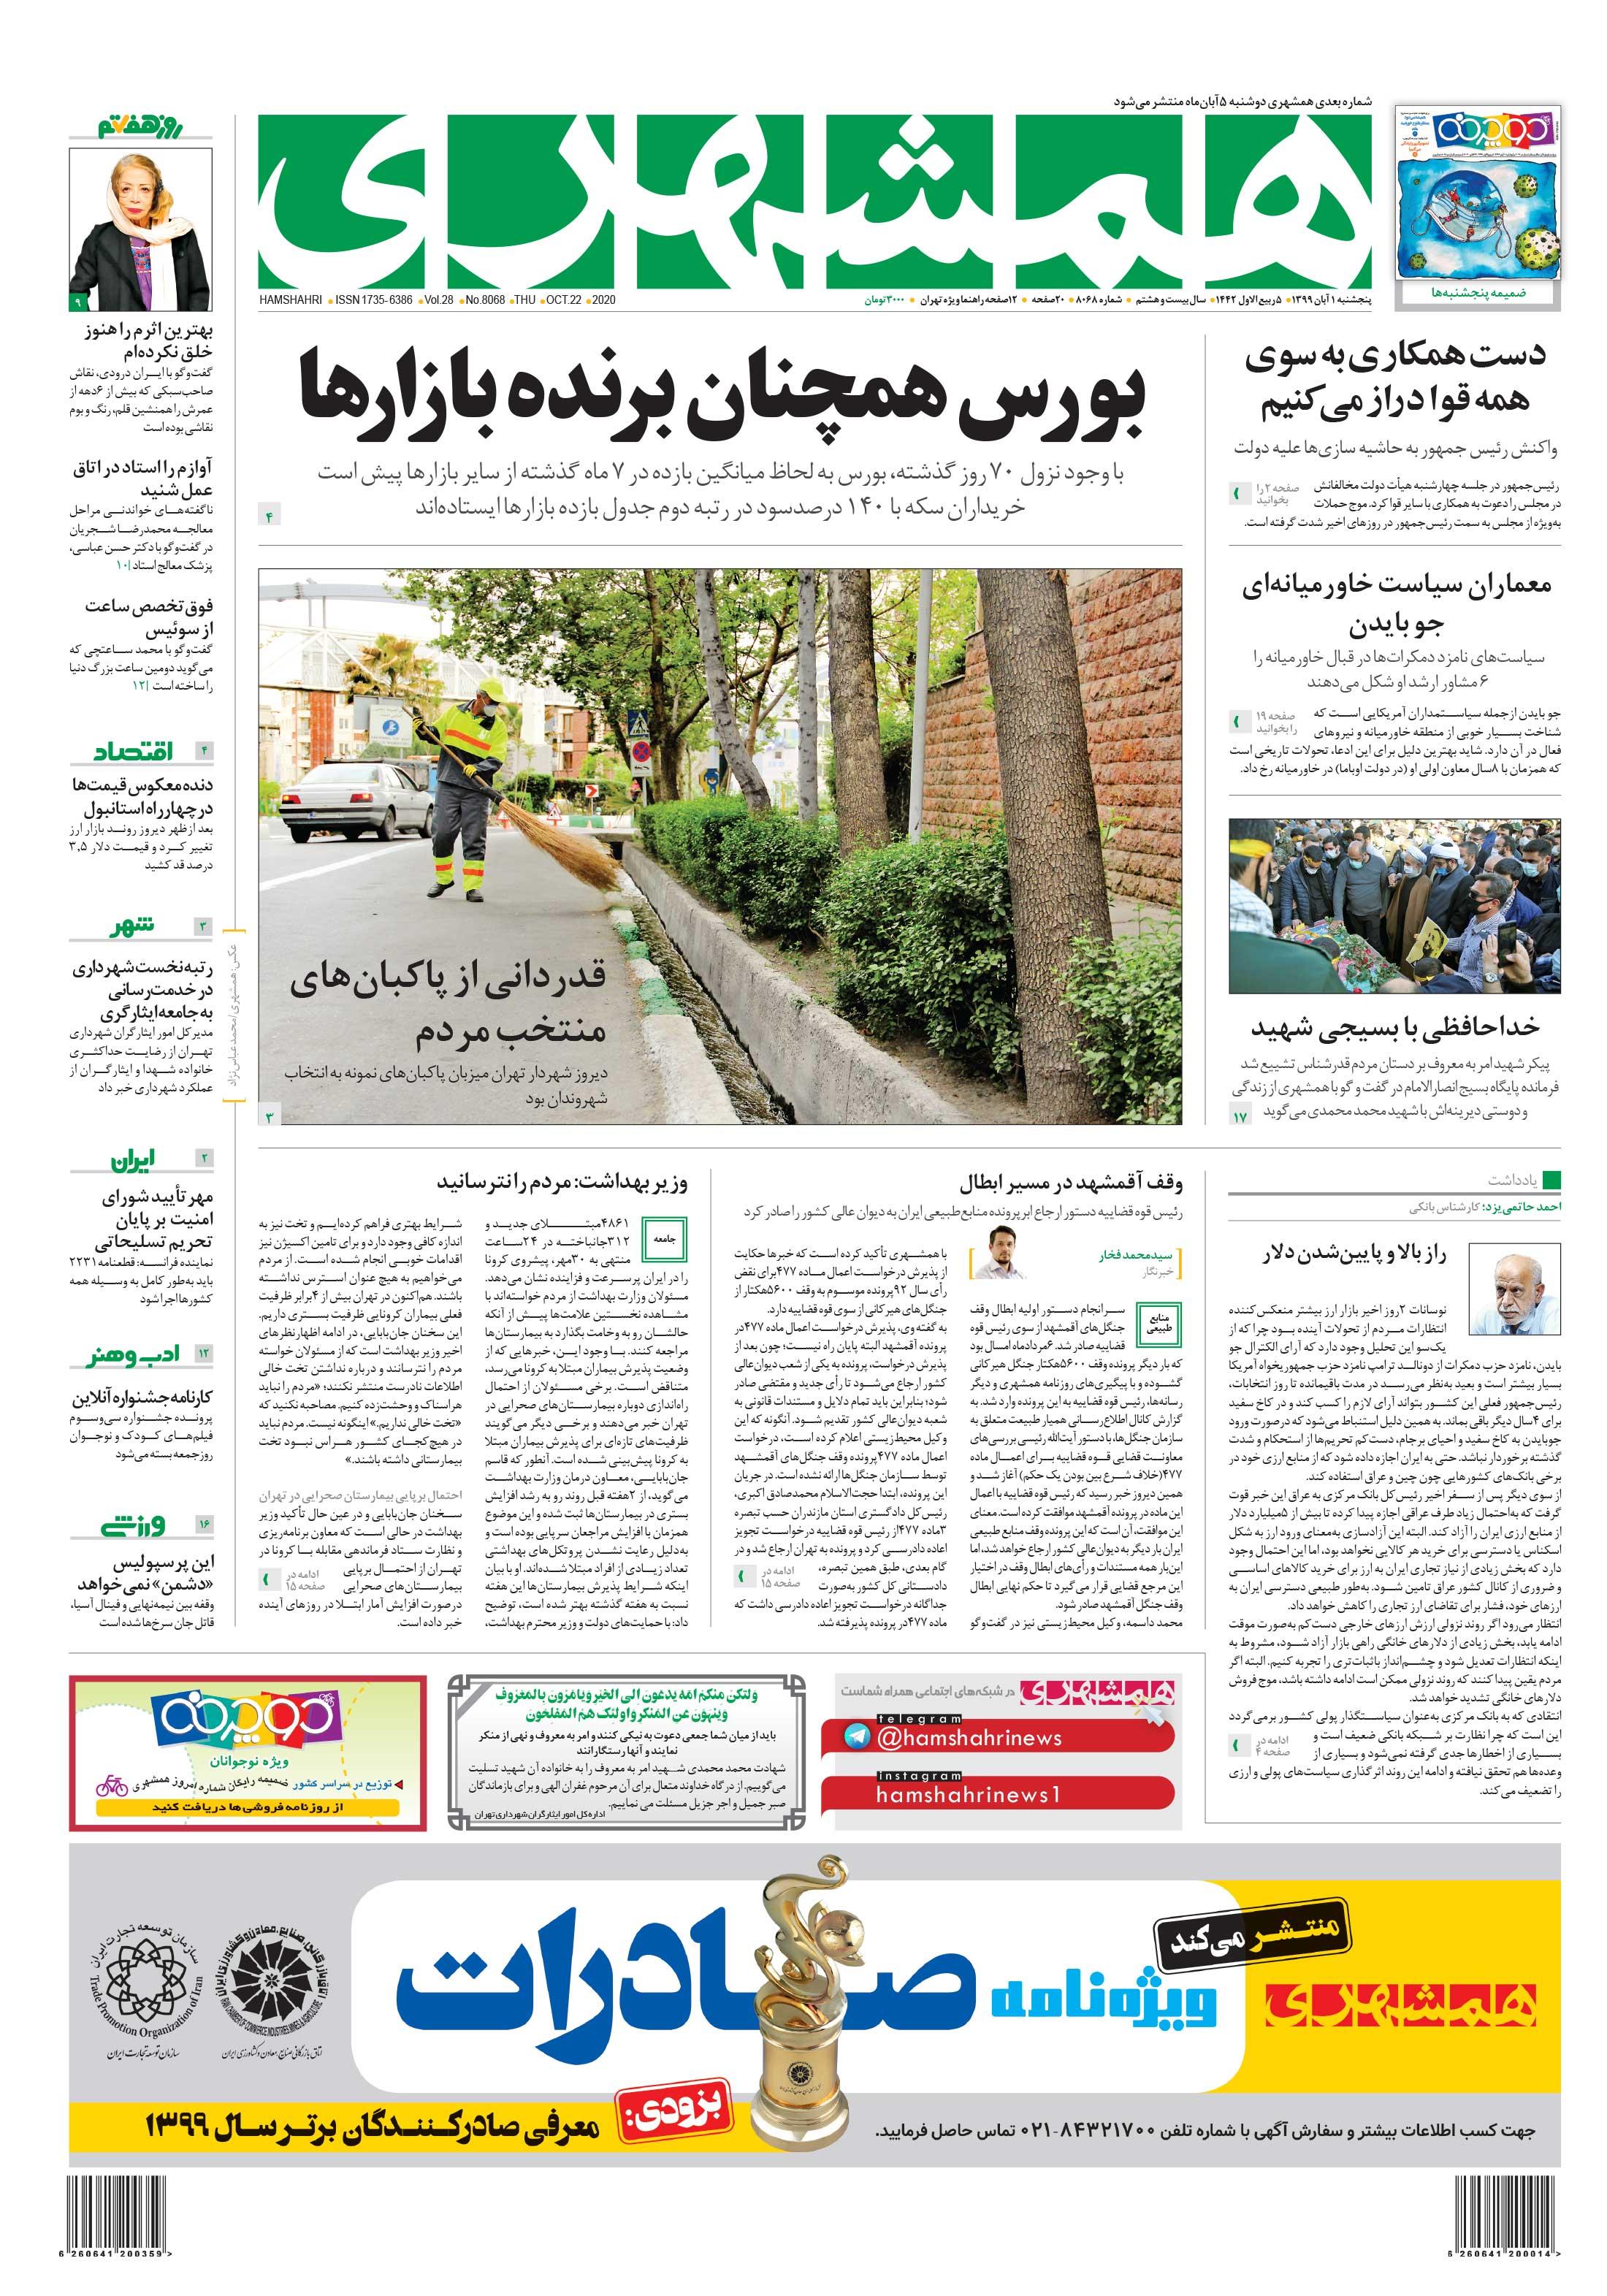 صفحه اول پنجشنبه 1 آبان 1399